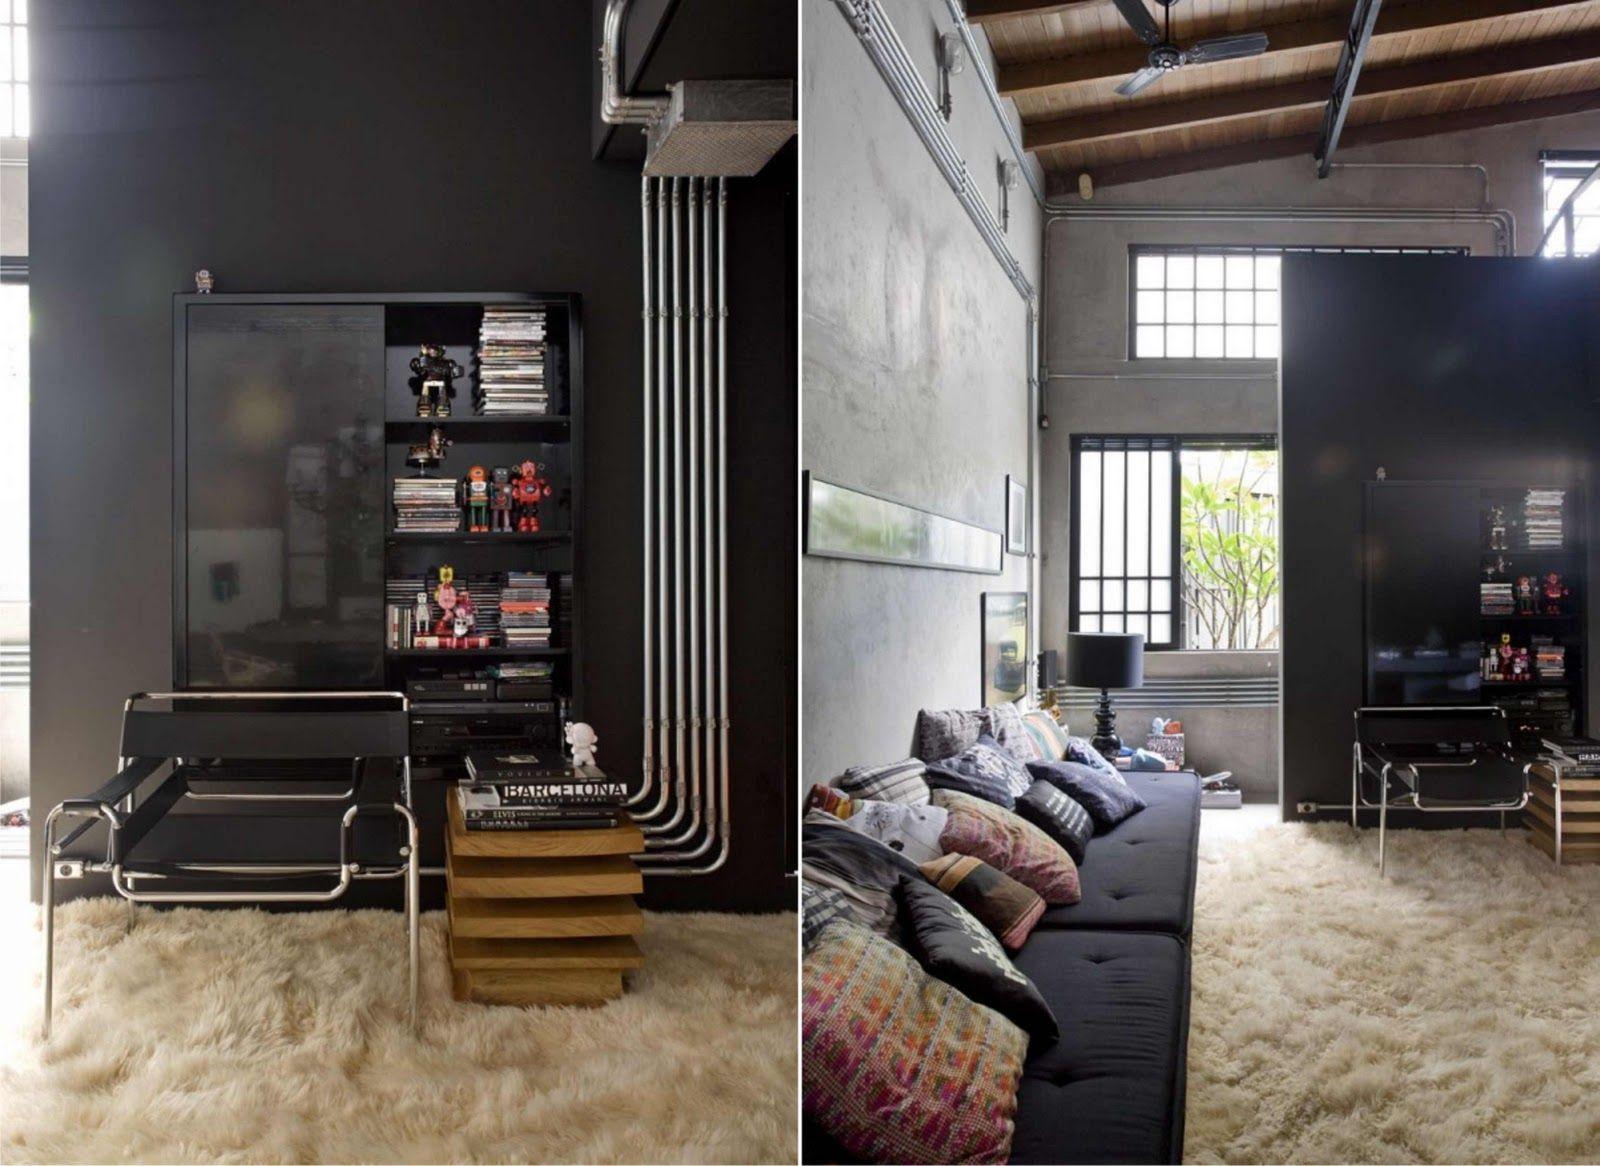 brutalismo arquitectura interior instalaciones - Buscar con Google ...